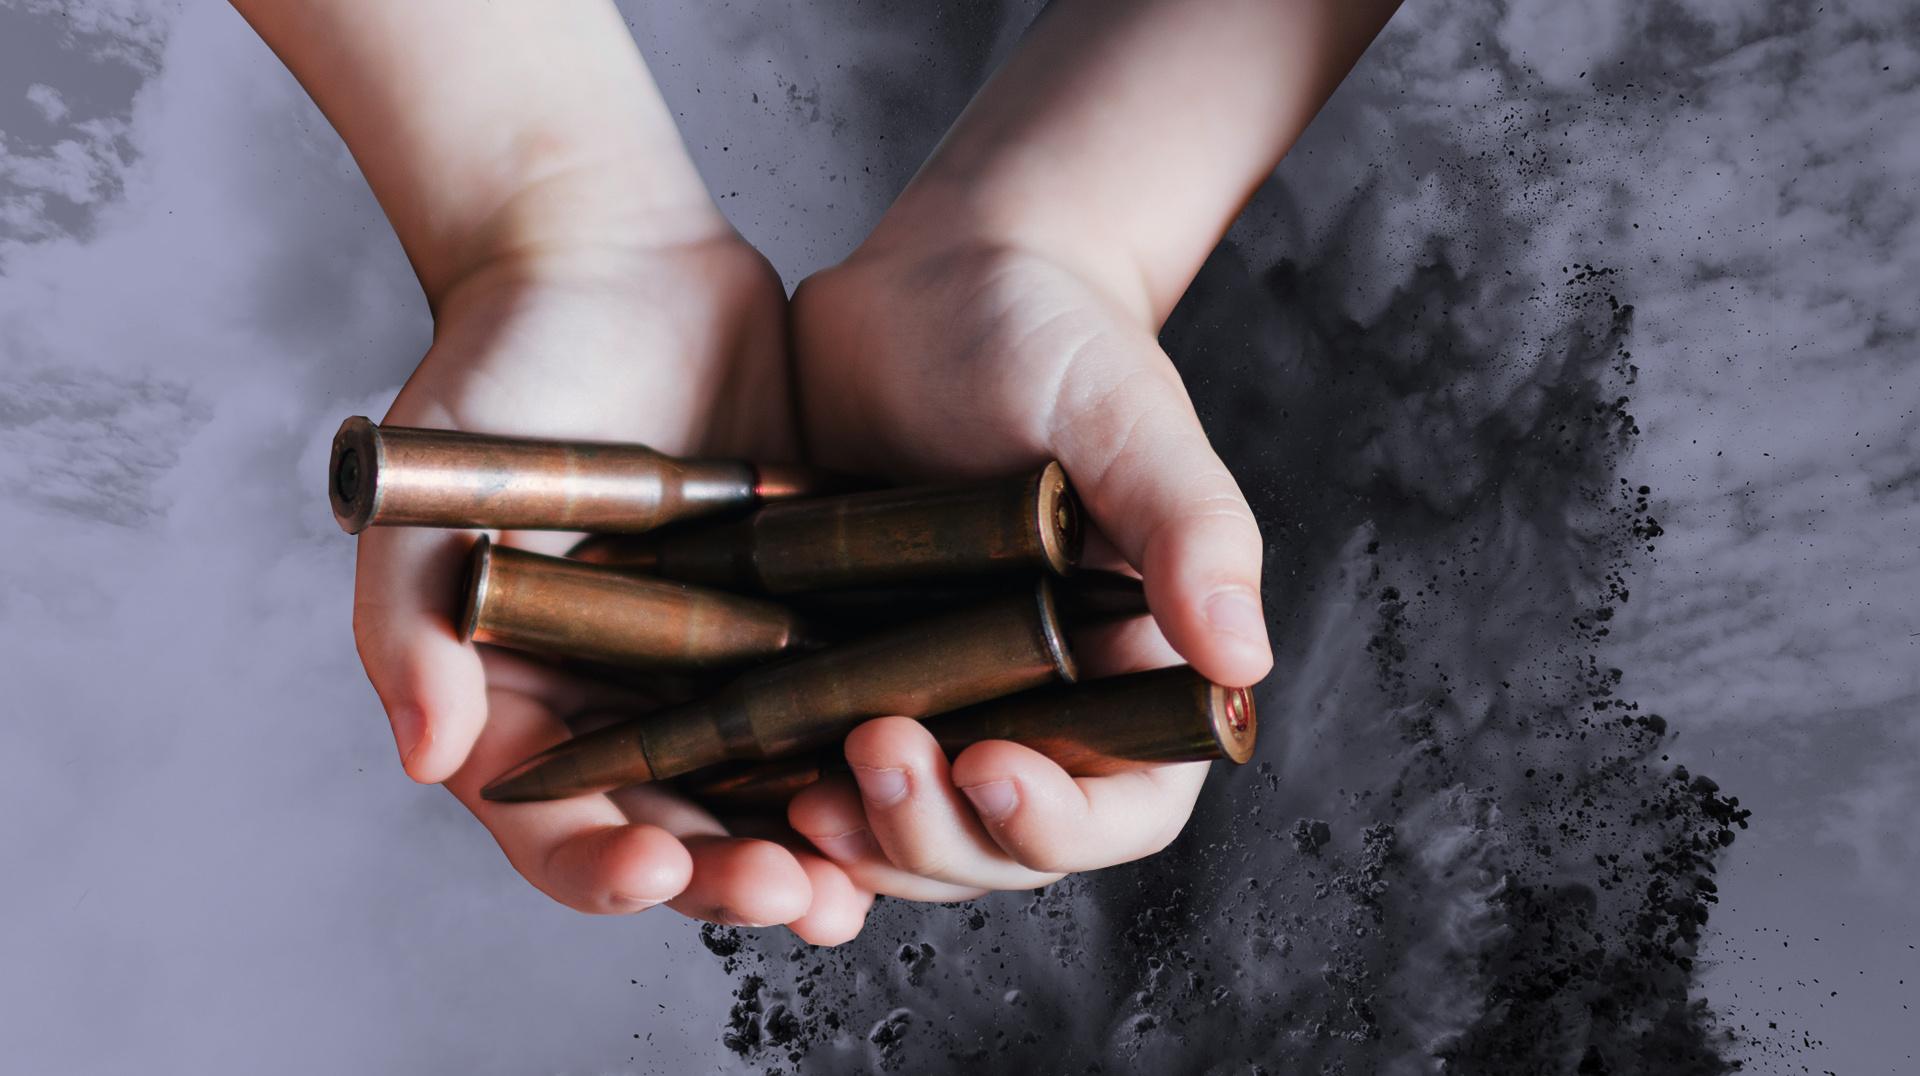 Эхо войны. Почему противотанковый снаряд взорвался в руках у школьника